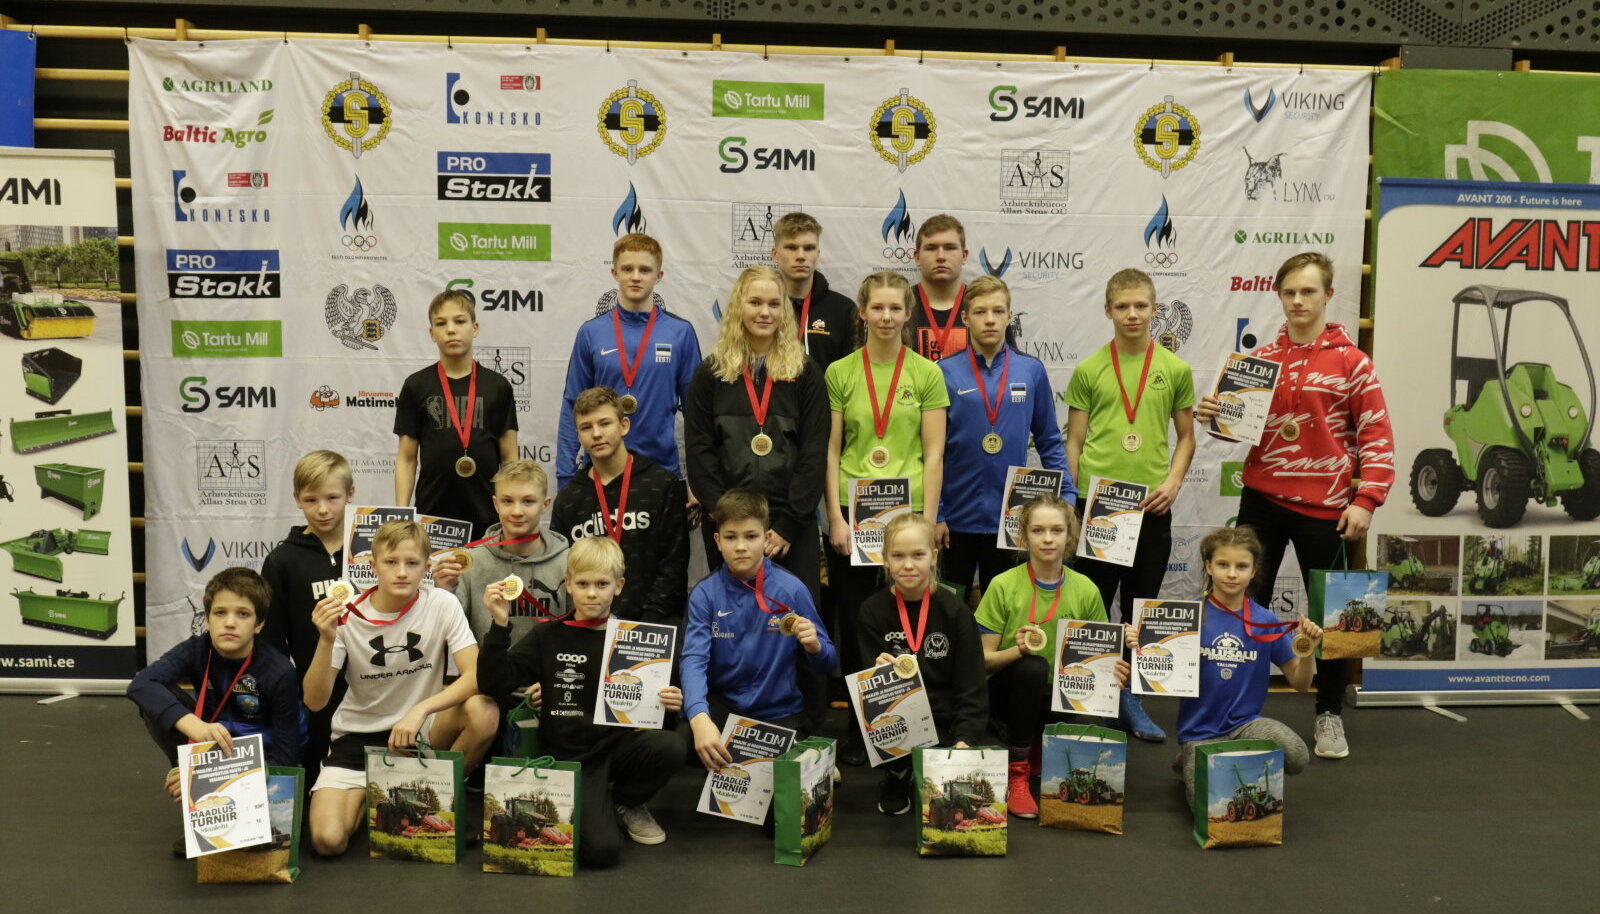 XI Maalehe maadlusturniiri medalivõitjad